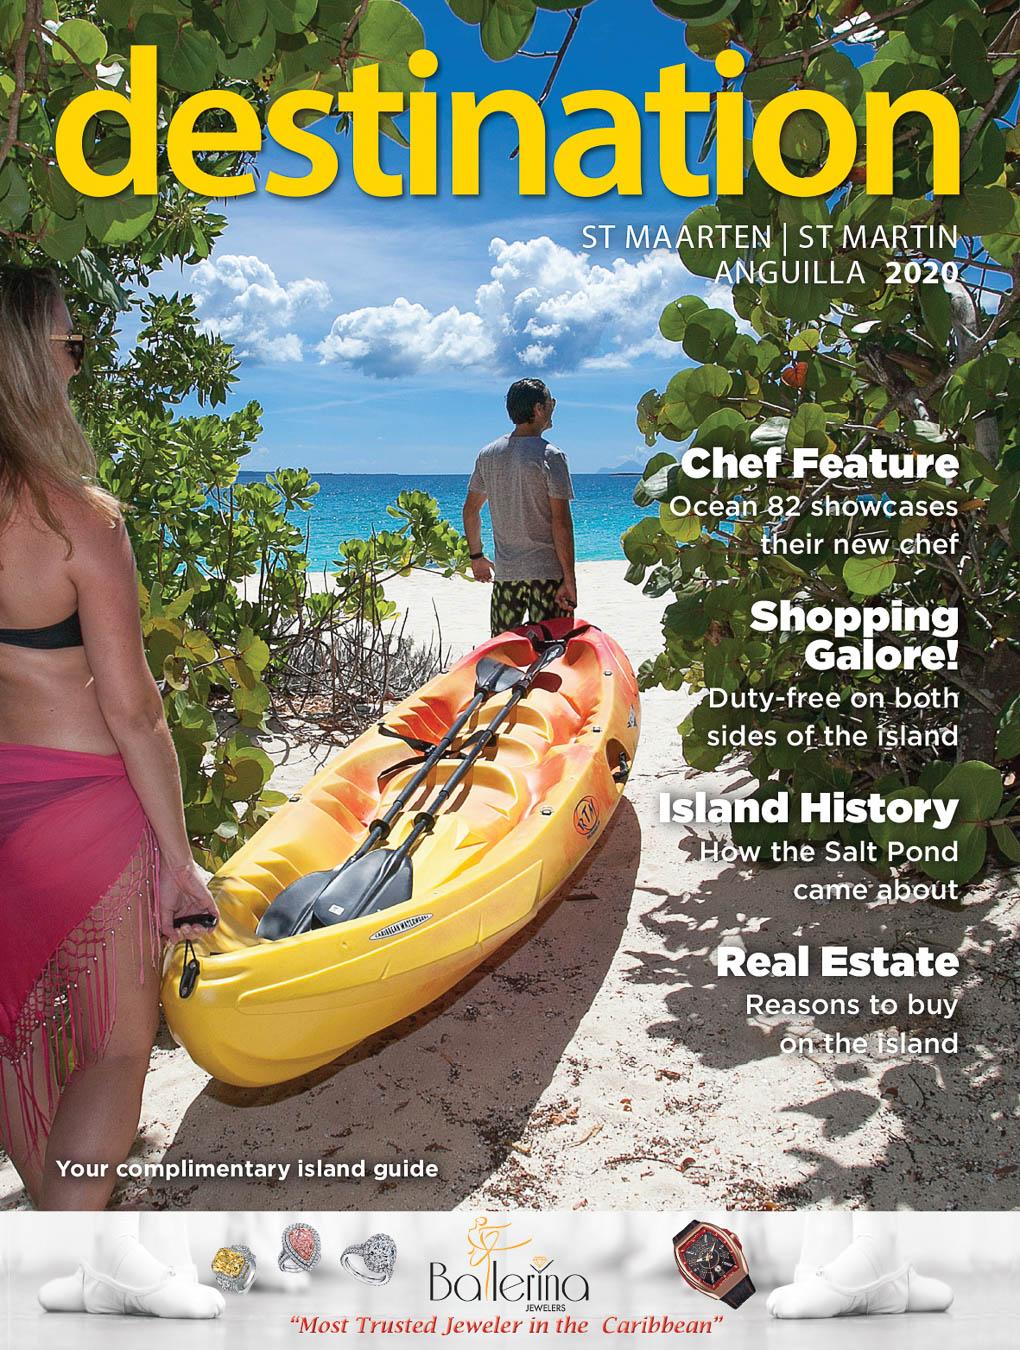 St Martin / St Maarten Magazine